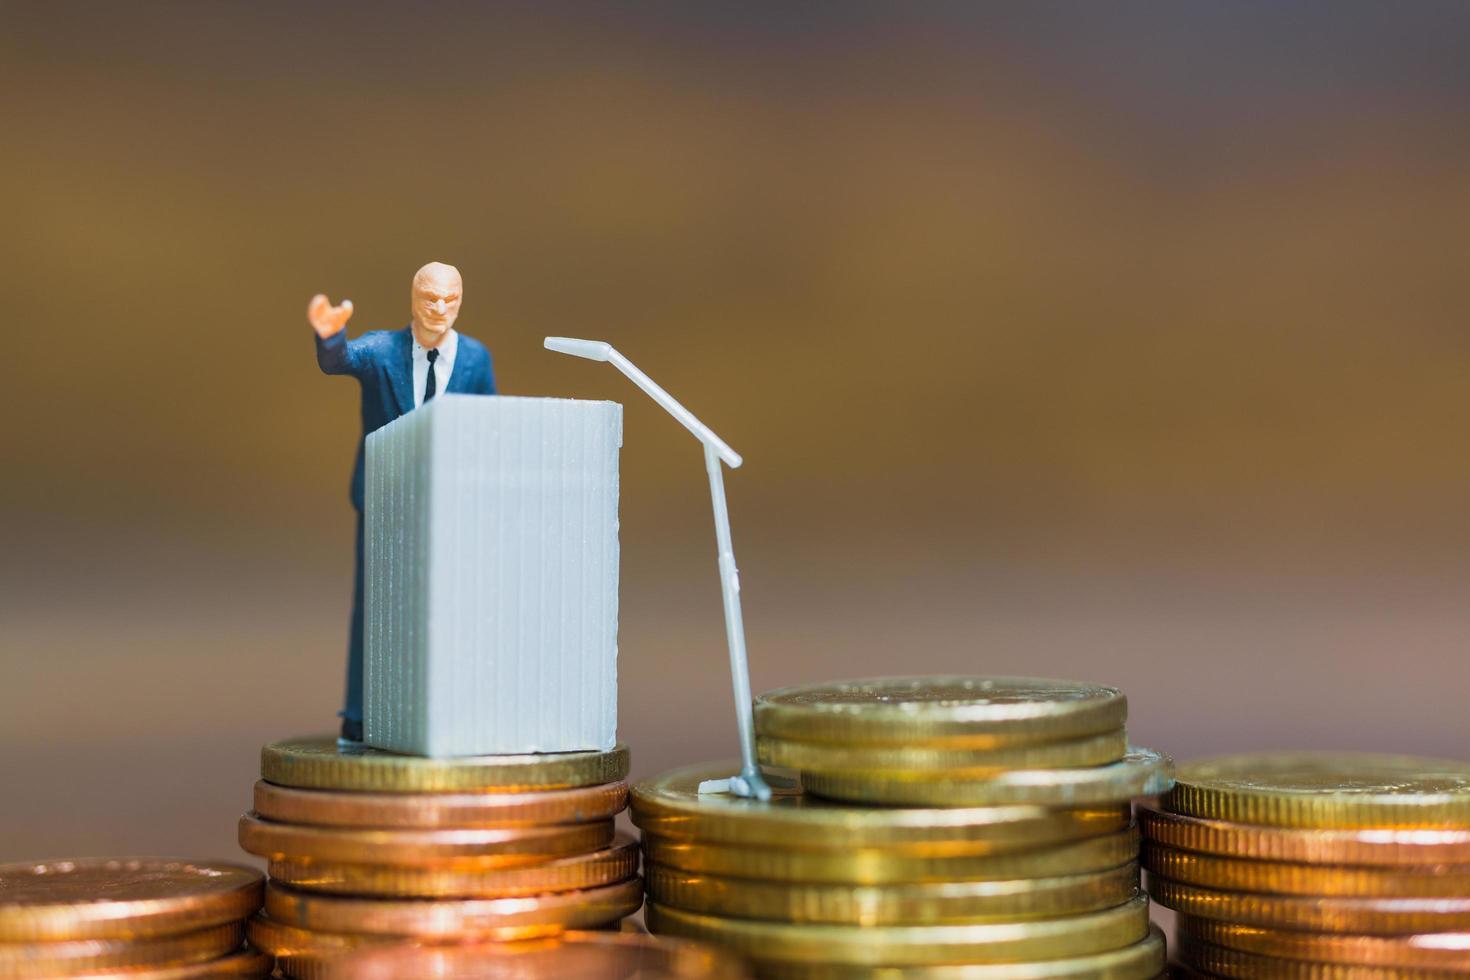 Empresario en miniatura hablando en un podio sobre una pila de monedas, concepto de inversión financiera y empresarial foto